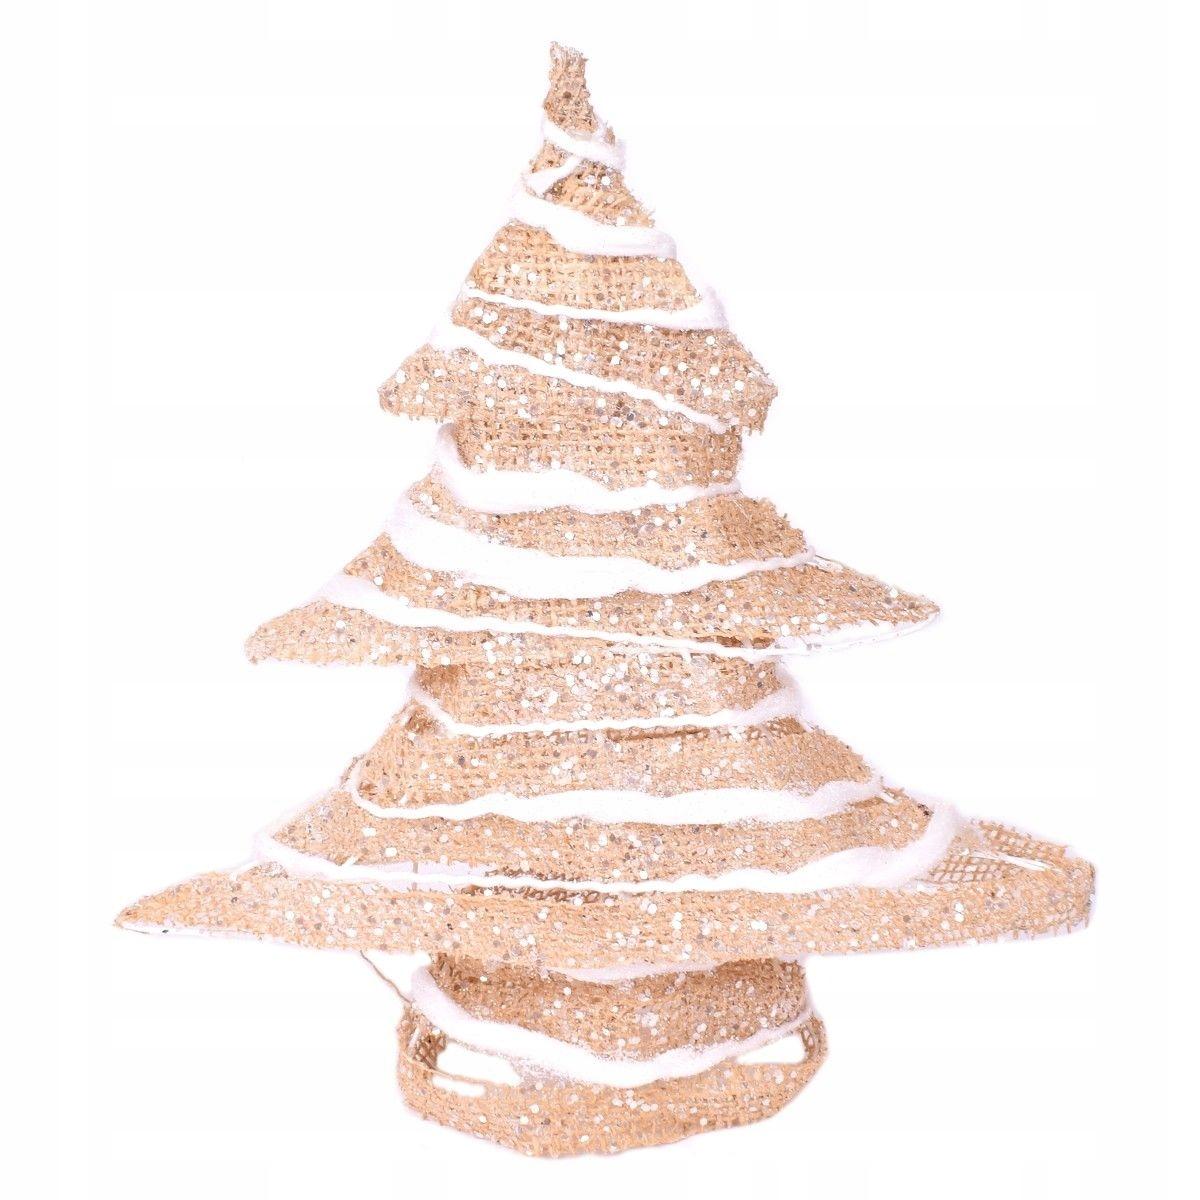 Choinka Jutowa Boże Narodzenie święta Dekoracja 7688556783